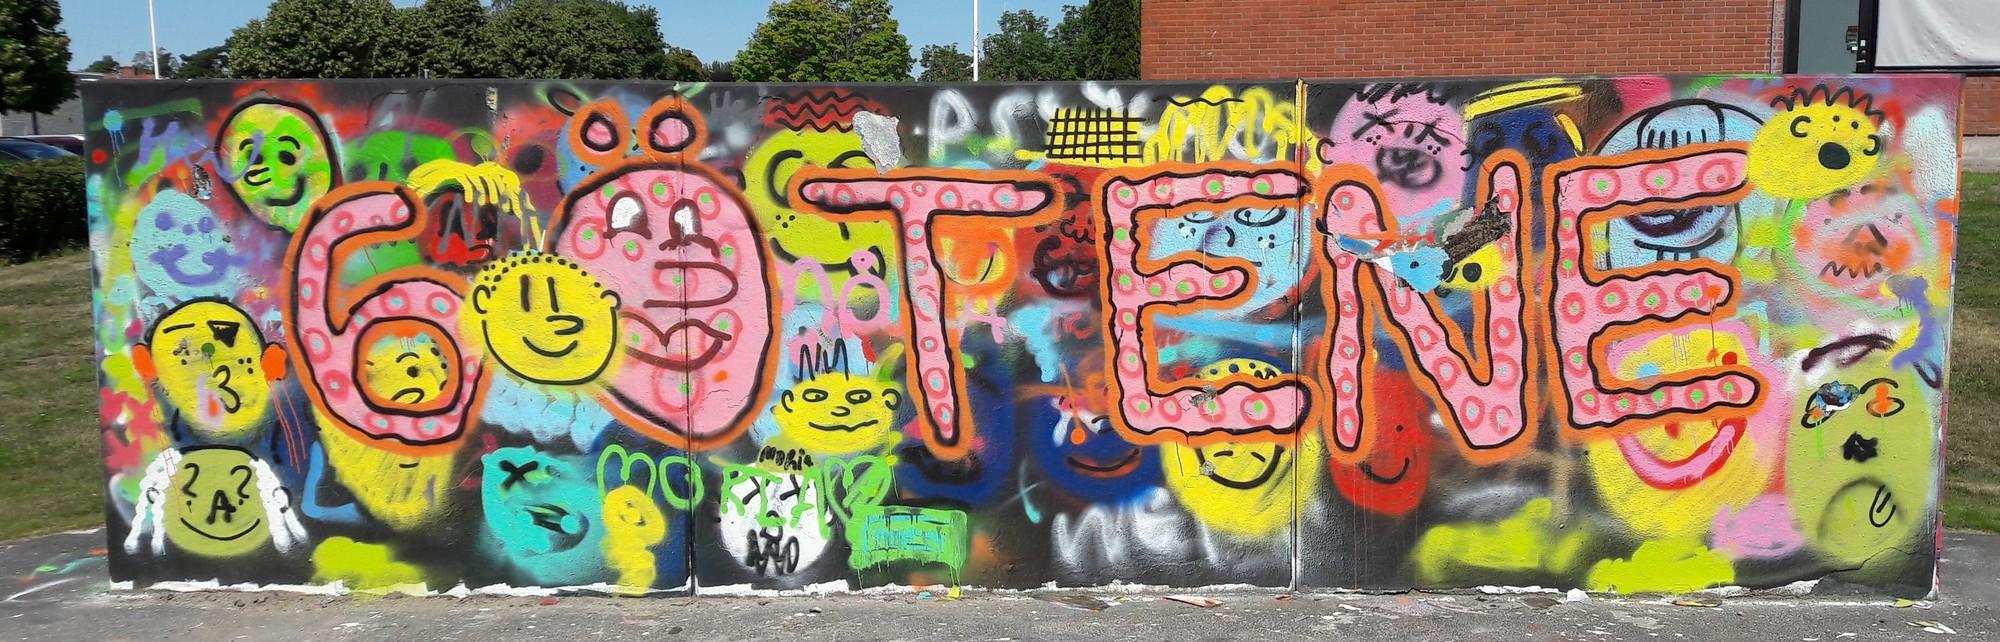 Graffittimålning vid skateparken i Götene